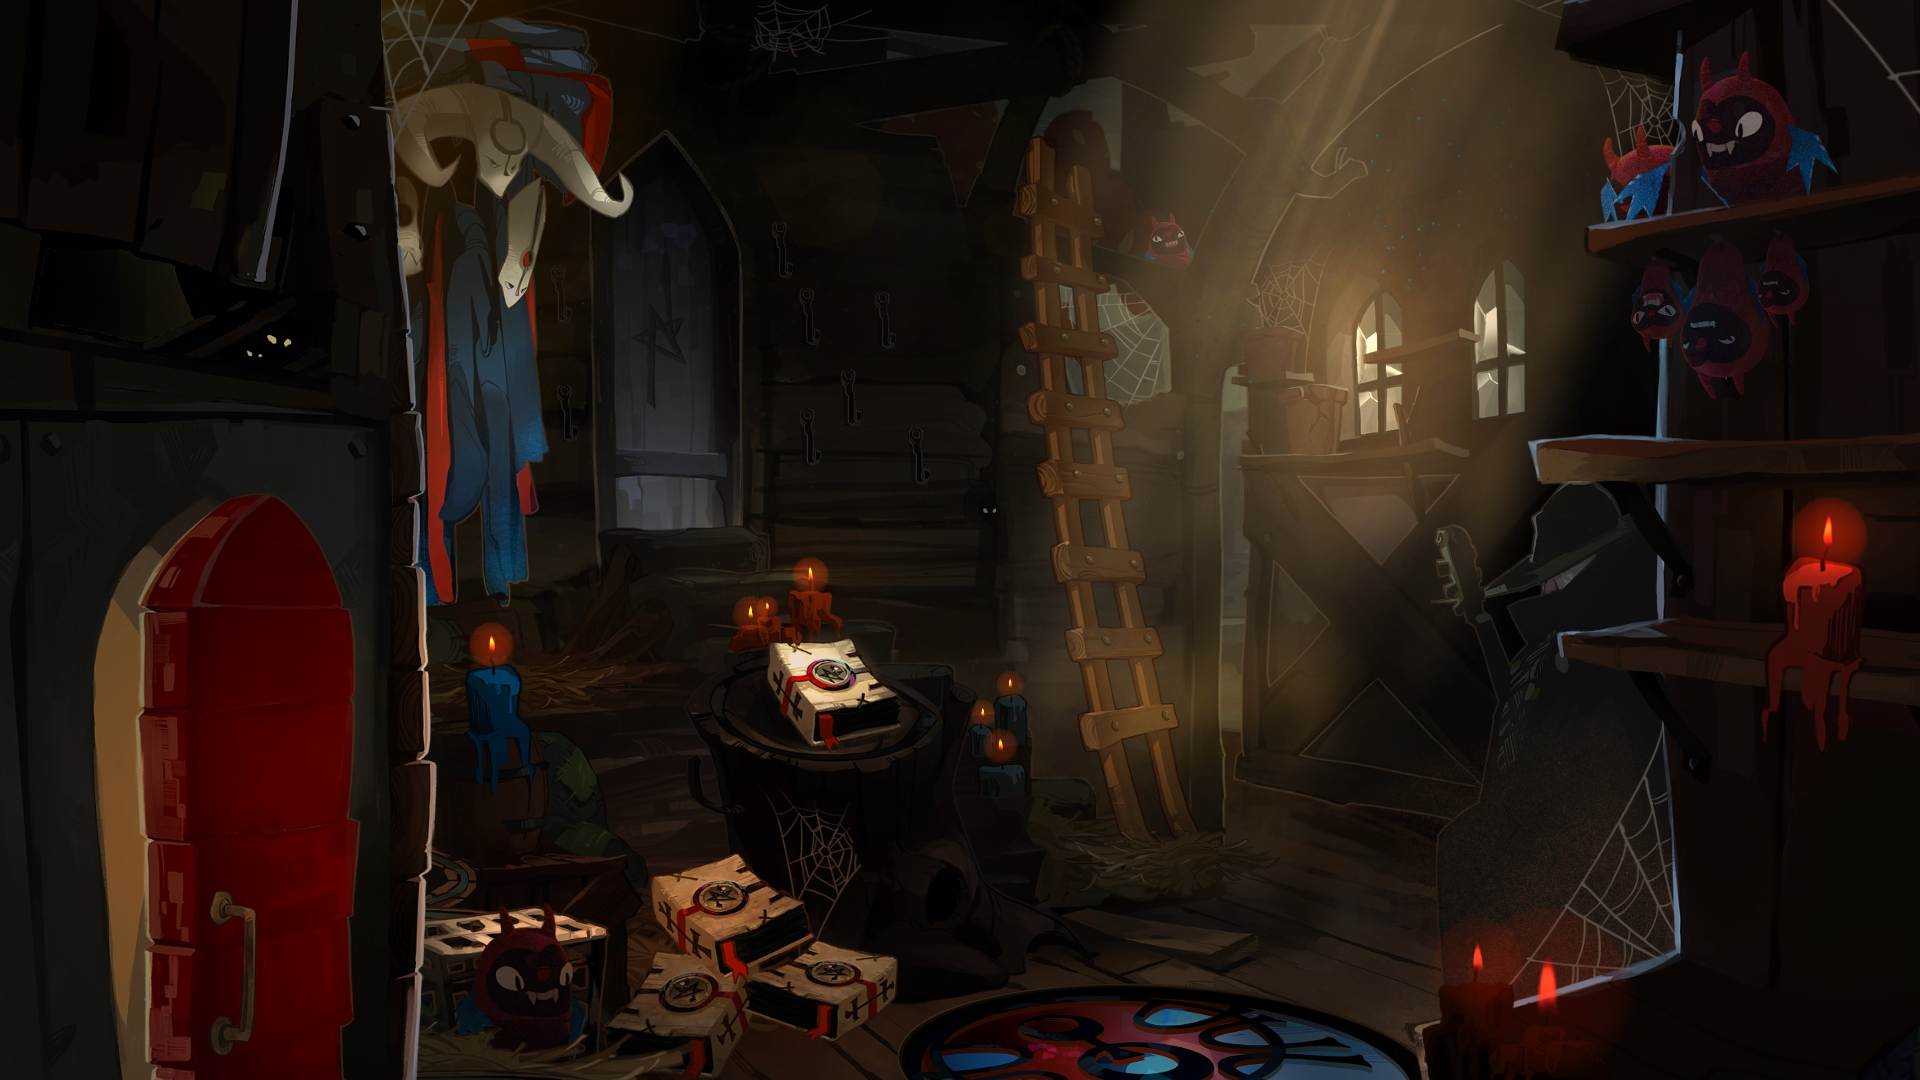 Cena de Pyre, terceiro jogo da Supergiant Games, que mostra o vagão utilizado pelos Nightwings para se mover em Downside.